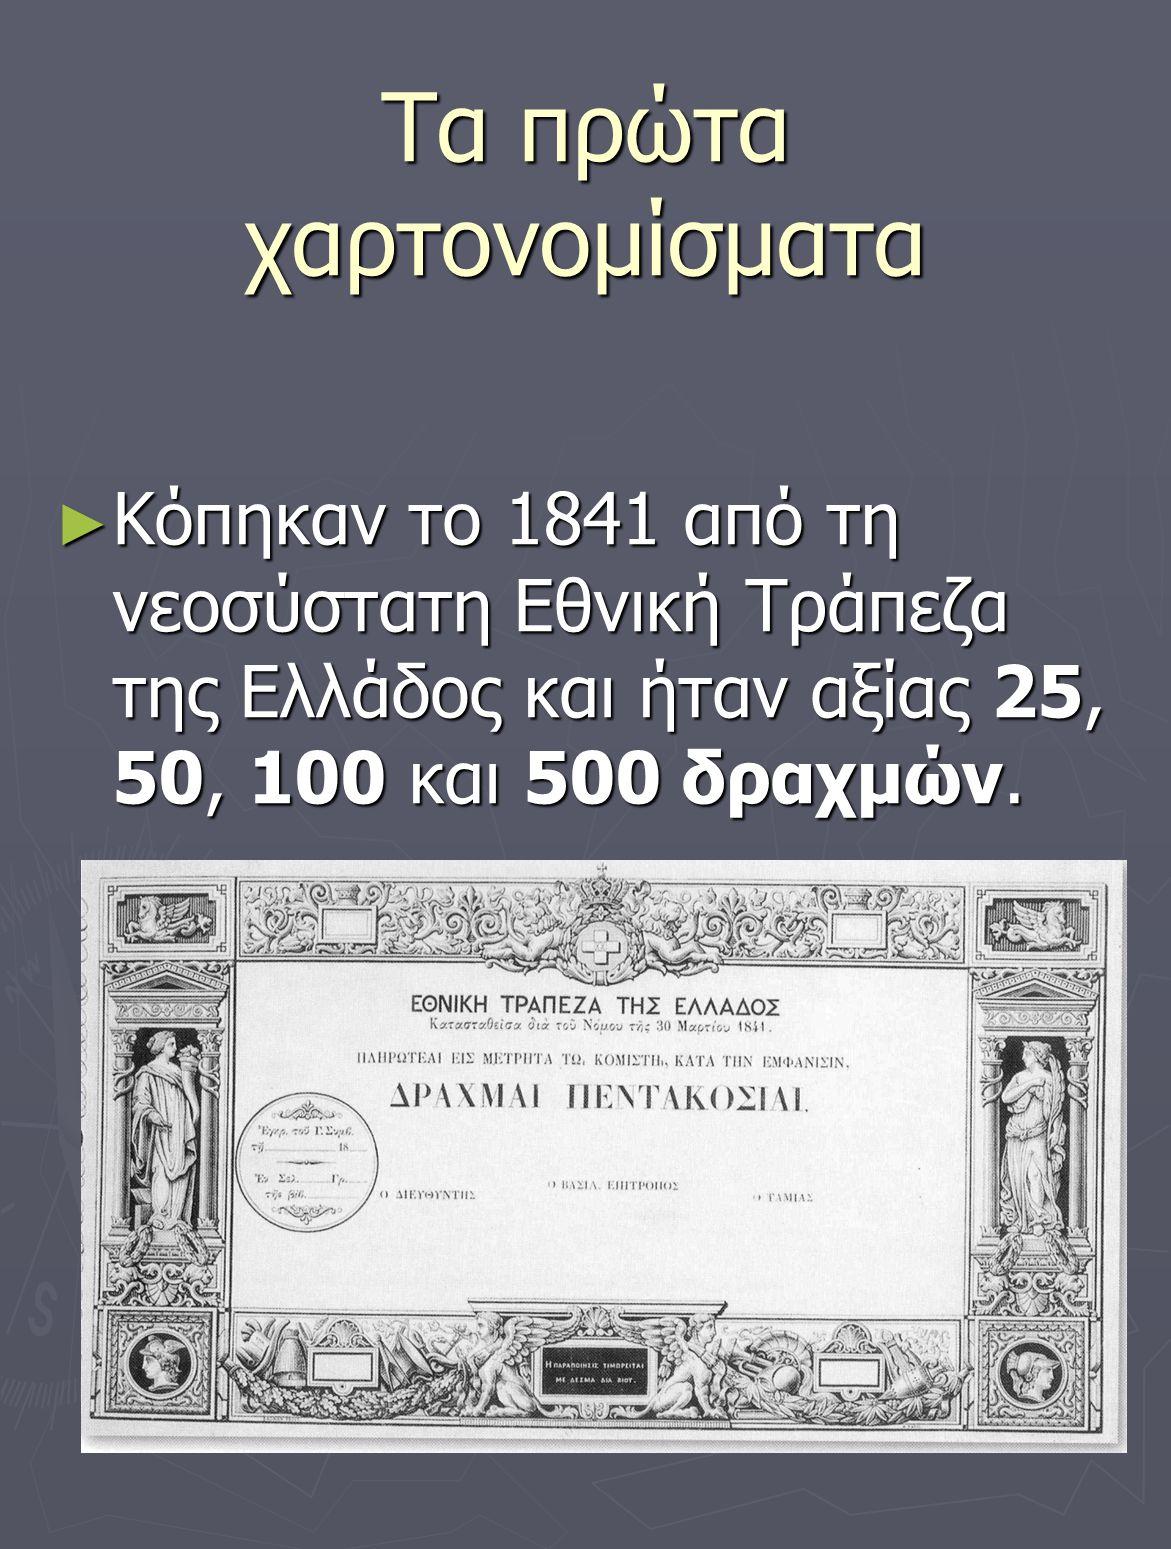 Τα πρώτα χαρτονομίσματα ► Κόπηκαν το 1841 από τη νεοσύστατη Εθνική Τράπεζα της Ελλάδος και ήταν αξίας 25, 50, 100 και 500 δραχμών.